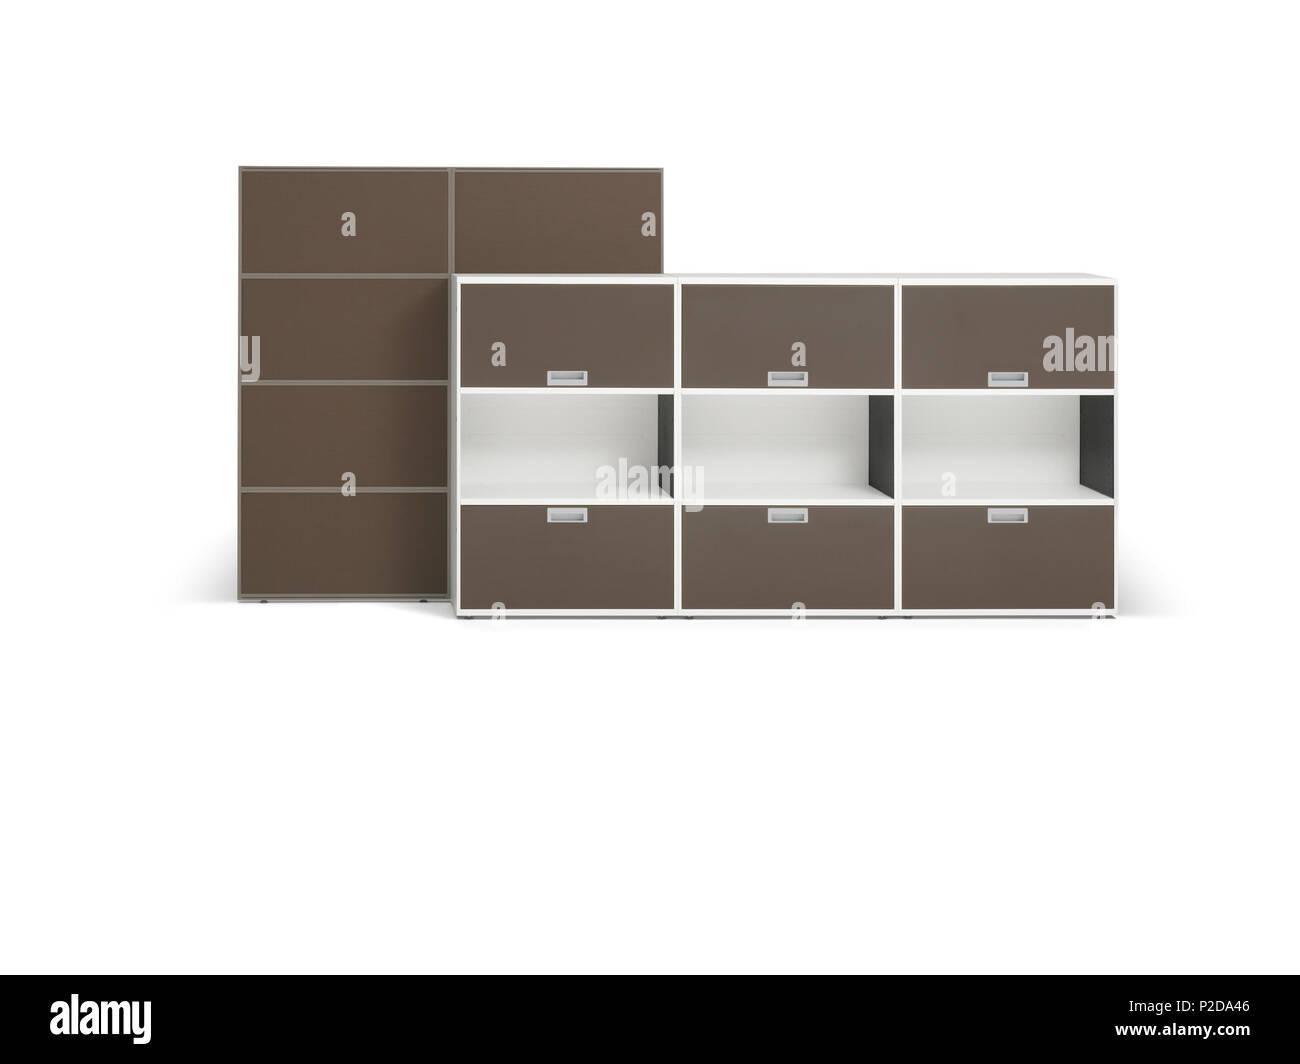 English Cabinet And Wall System Deutsch Schrank Wandsystem 10